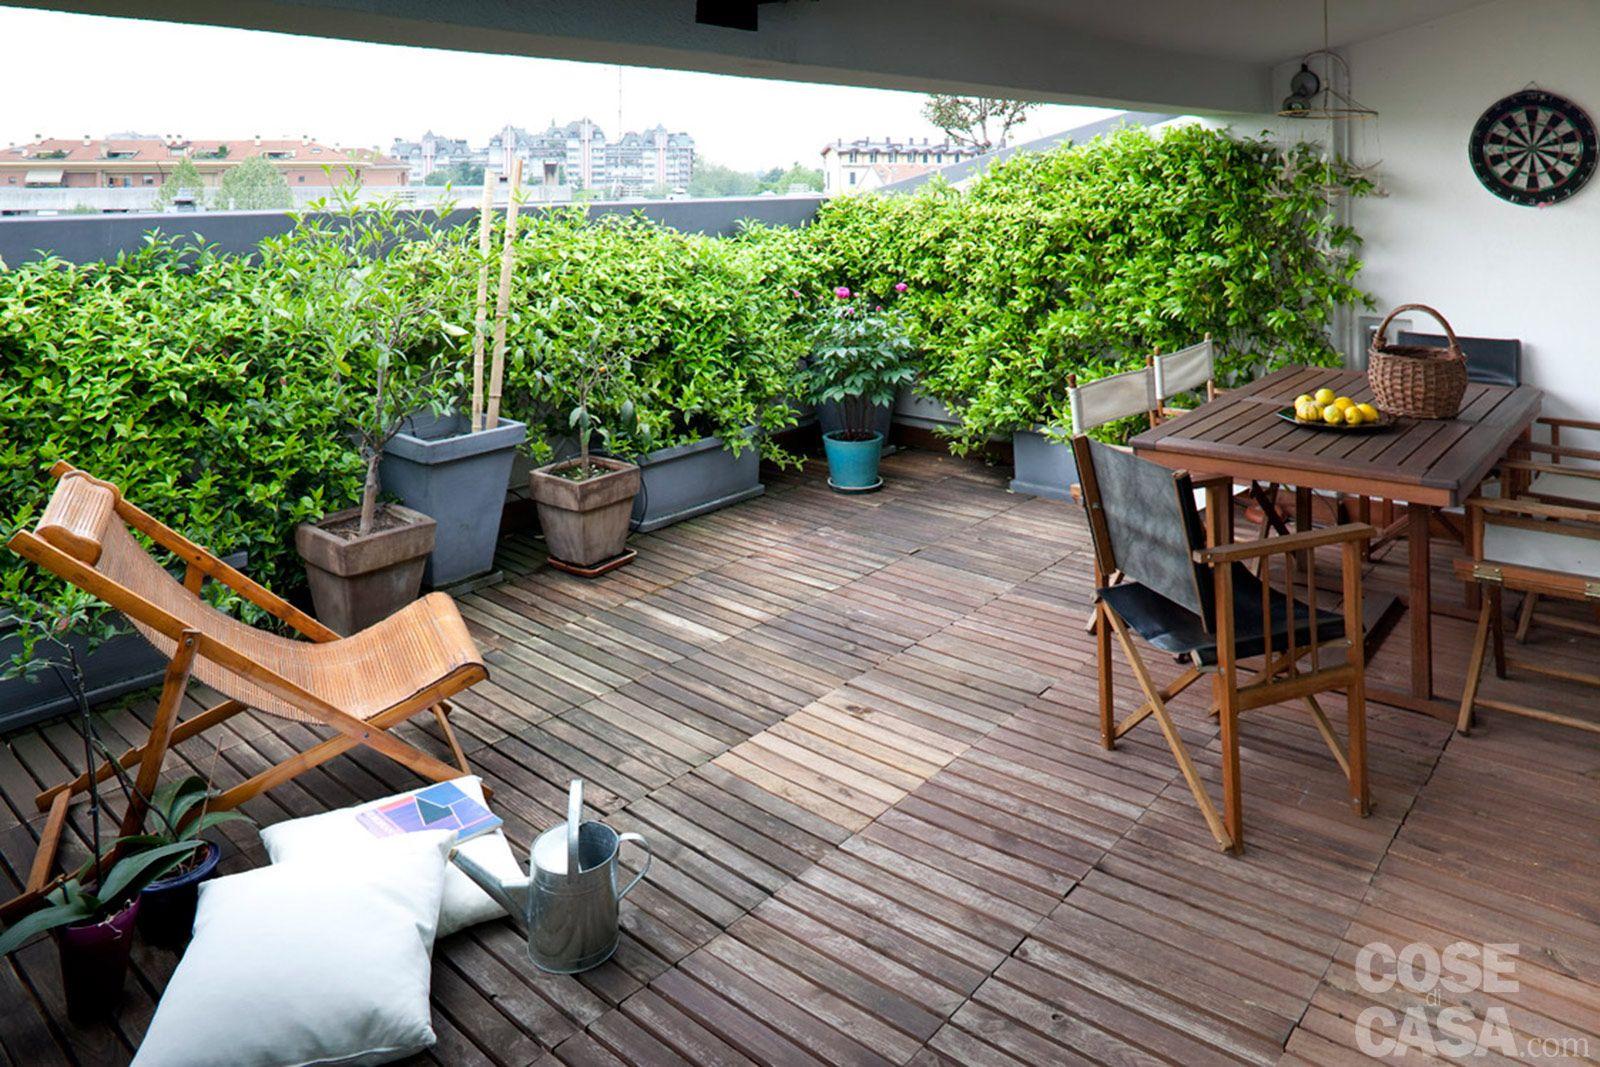 Stunning Come Arredare Un Terrazzo Con Piante Gallery - Idee ...